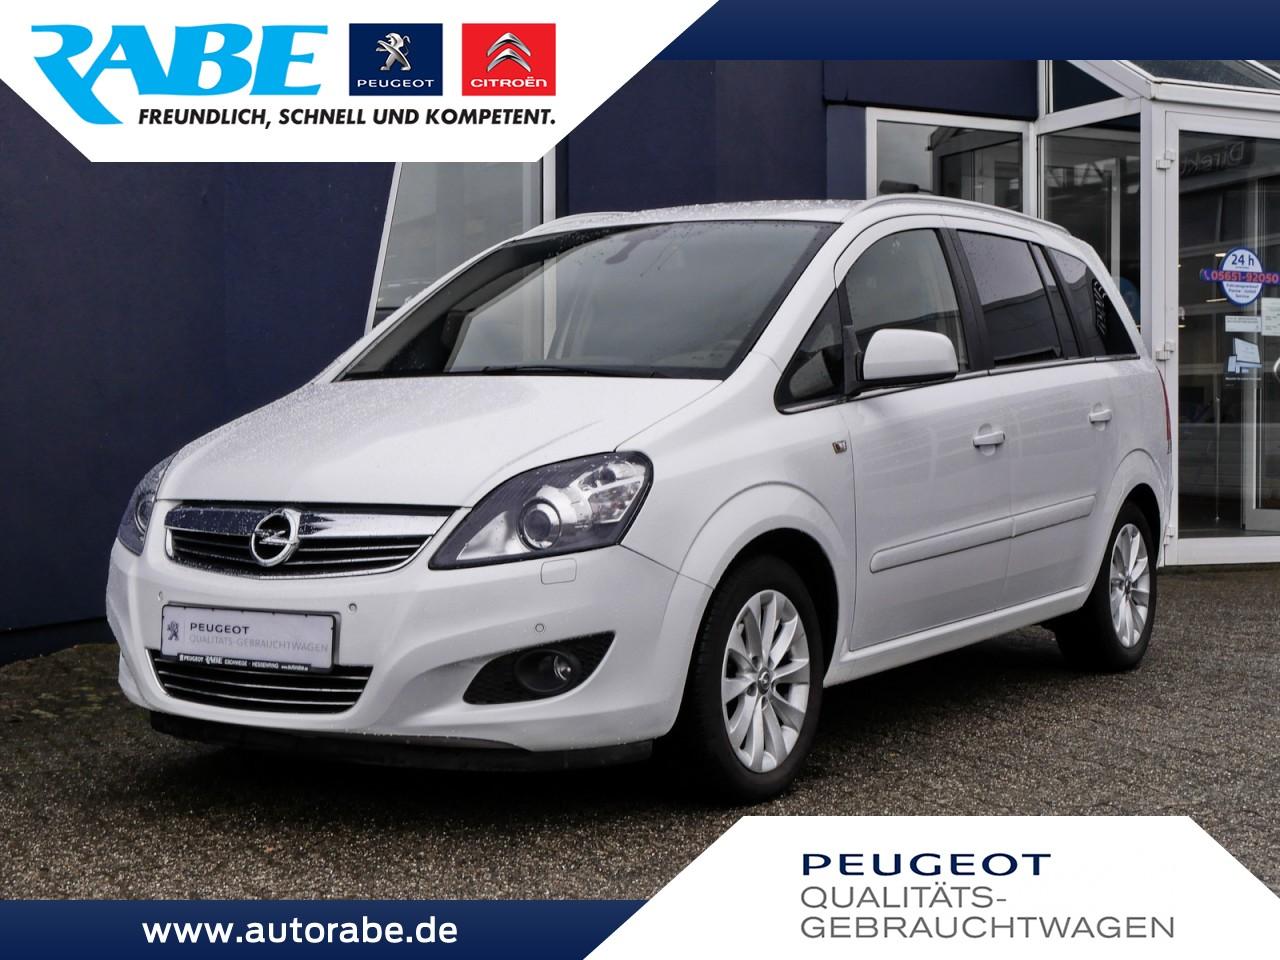 Opel Zafira Family Plus 1.8 Touch-Navi+Xenon+Sitzhzg., Jahr 2014, Benzin